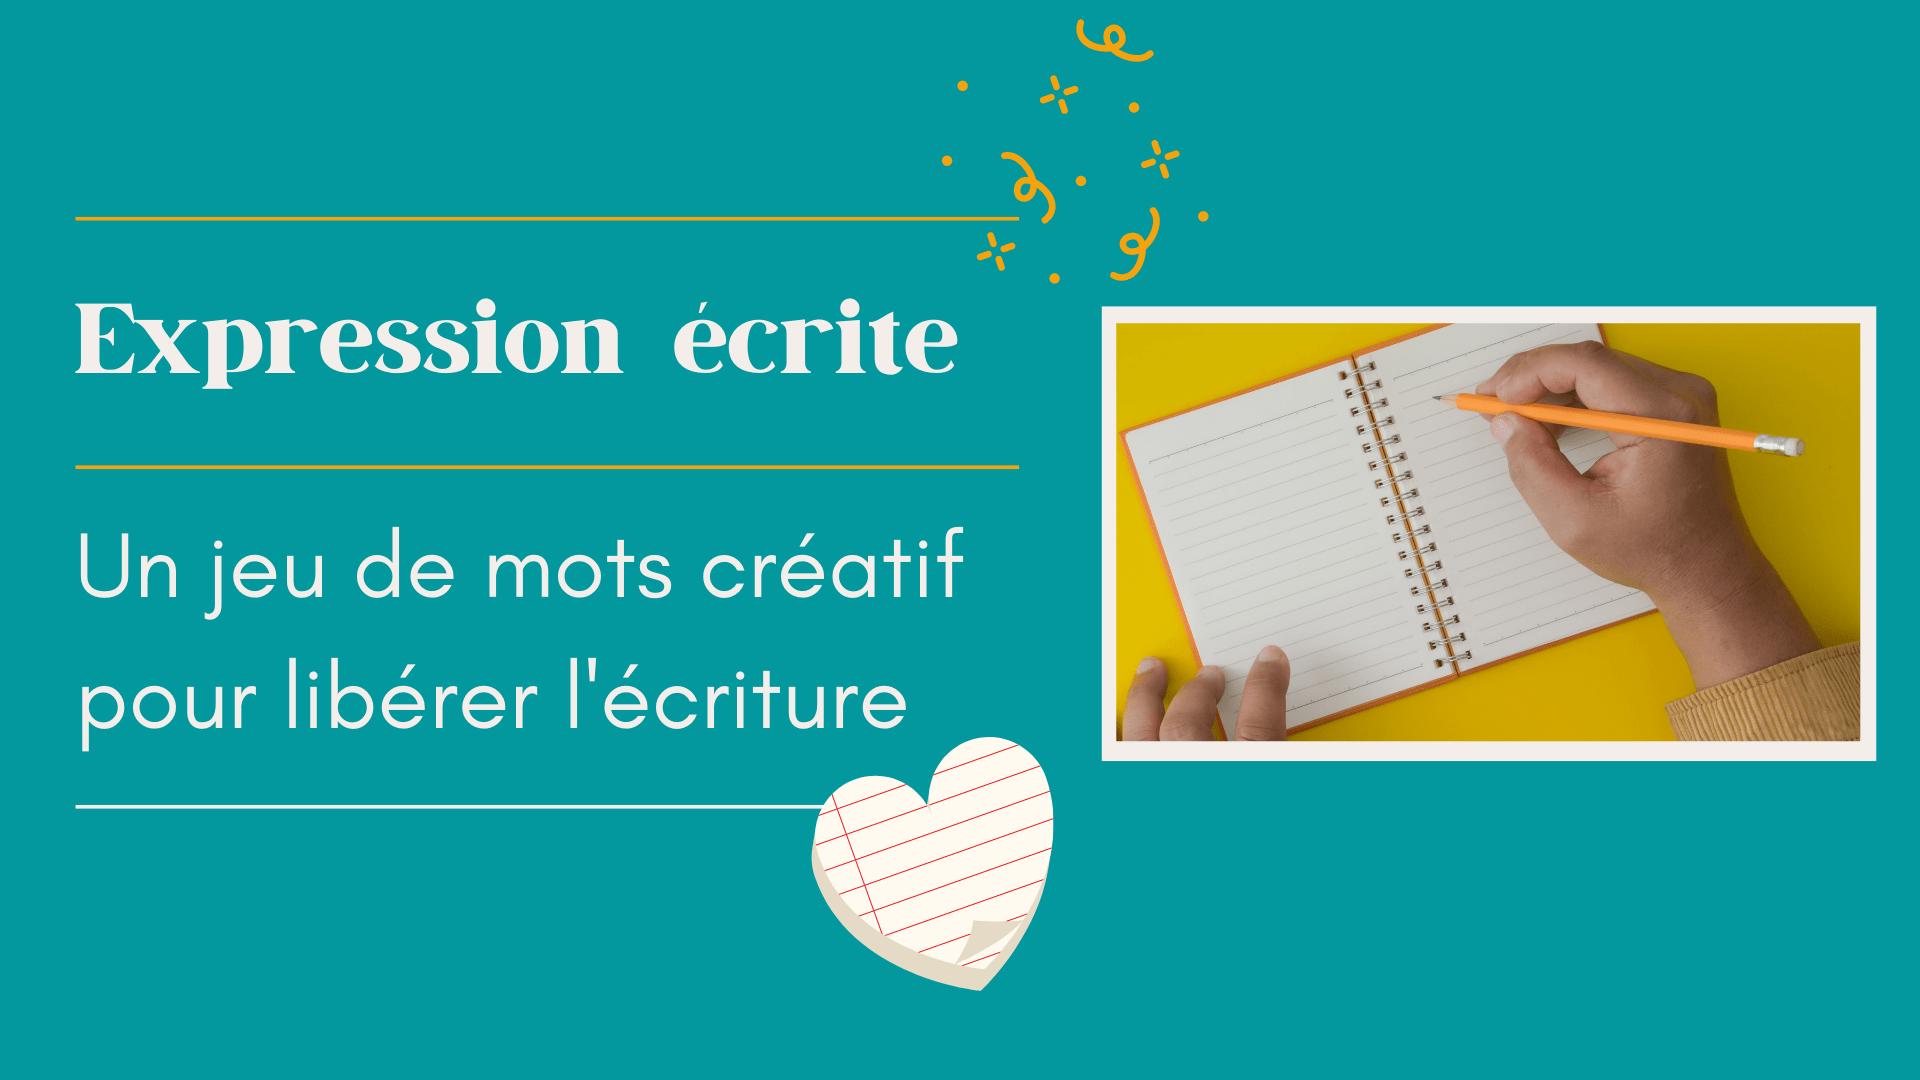 jeu de mots créatif pour libérer l'écriture